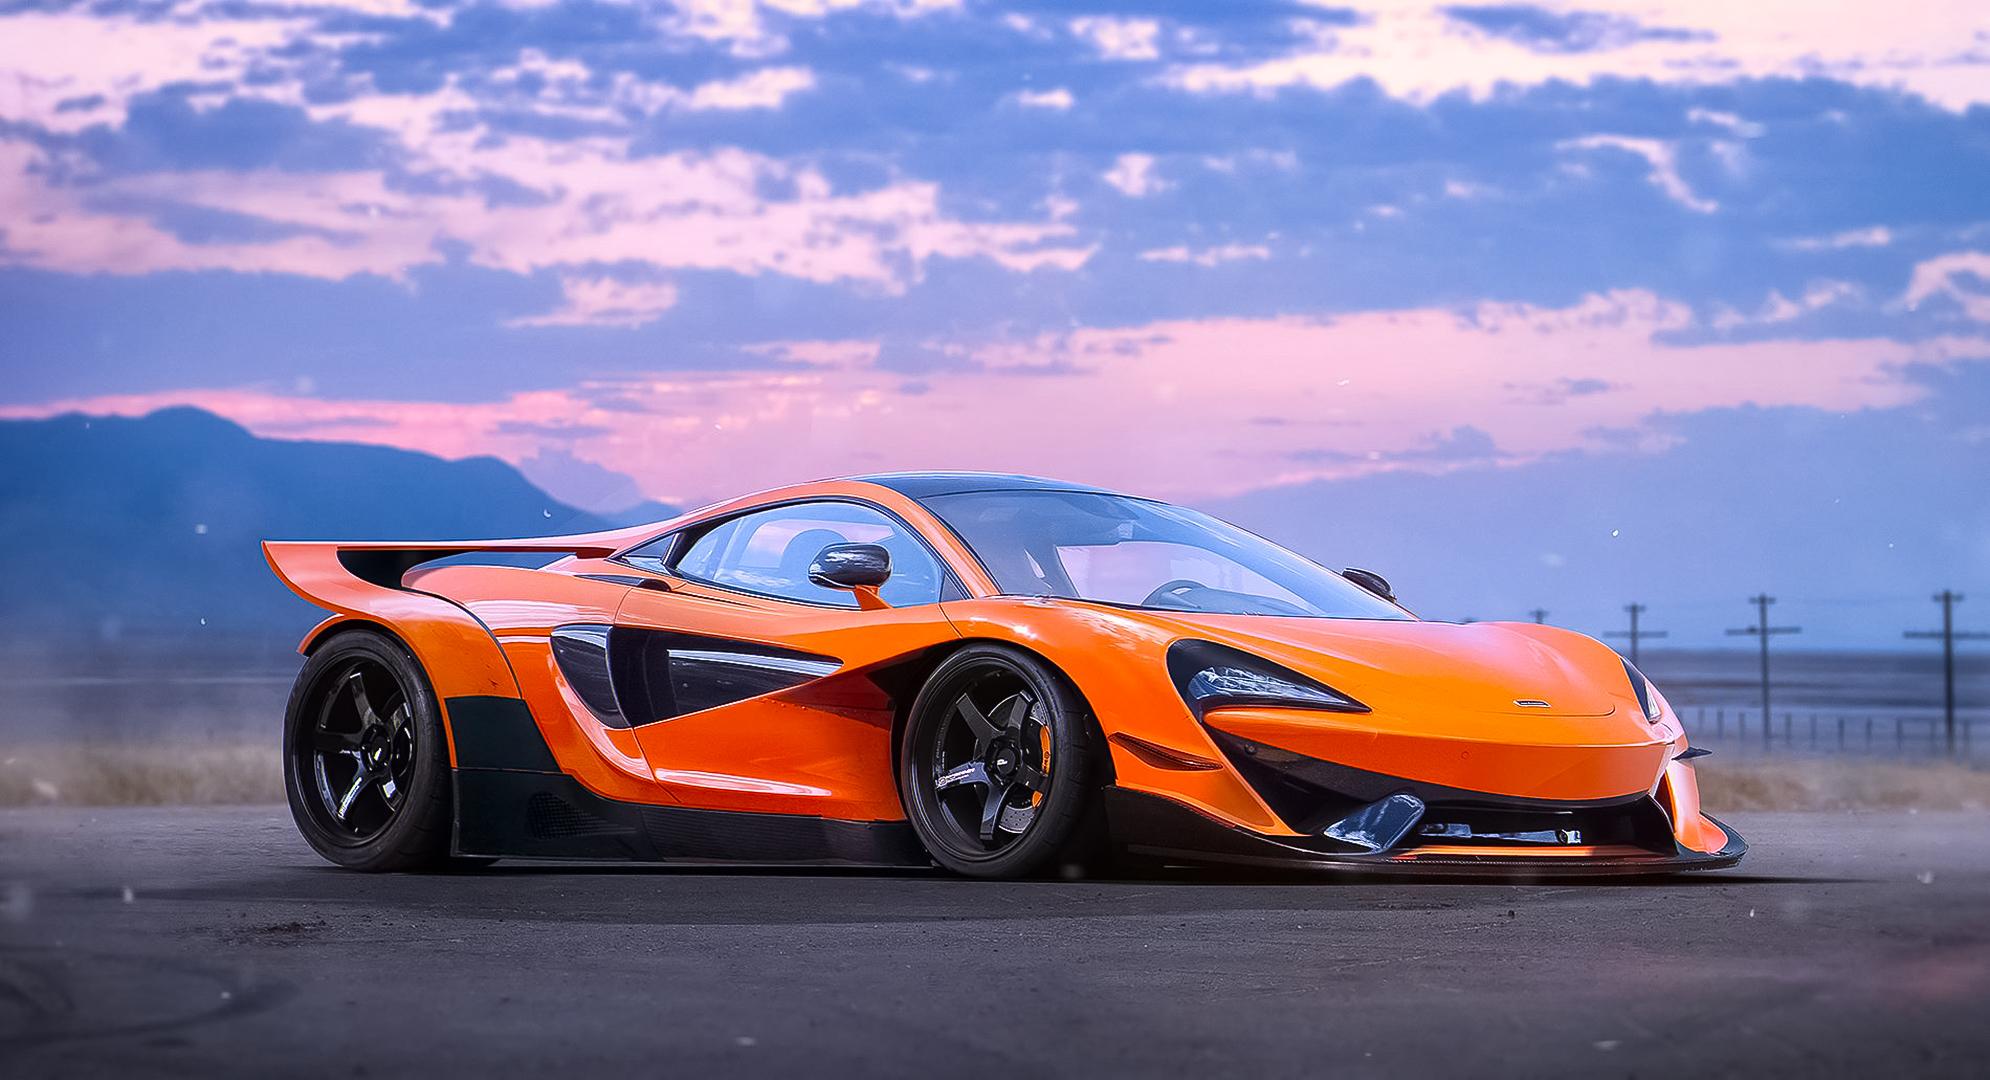 McLaren 570S HD Wallpaper Background Image 1990x1080 ID 1990x1080